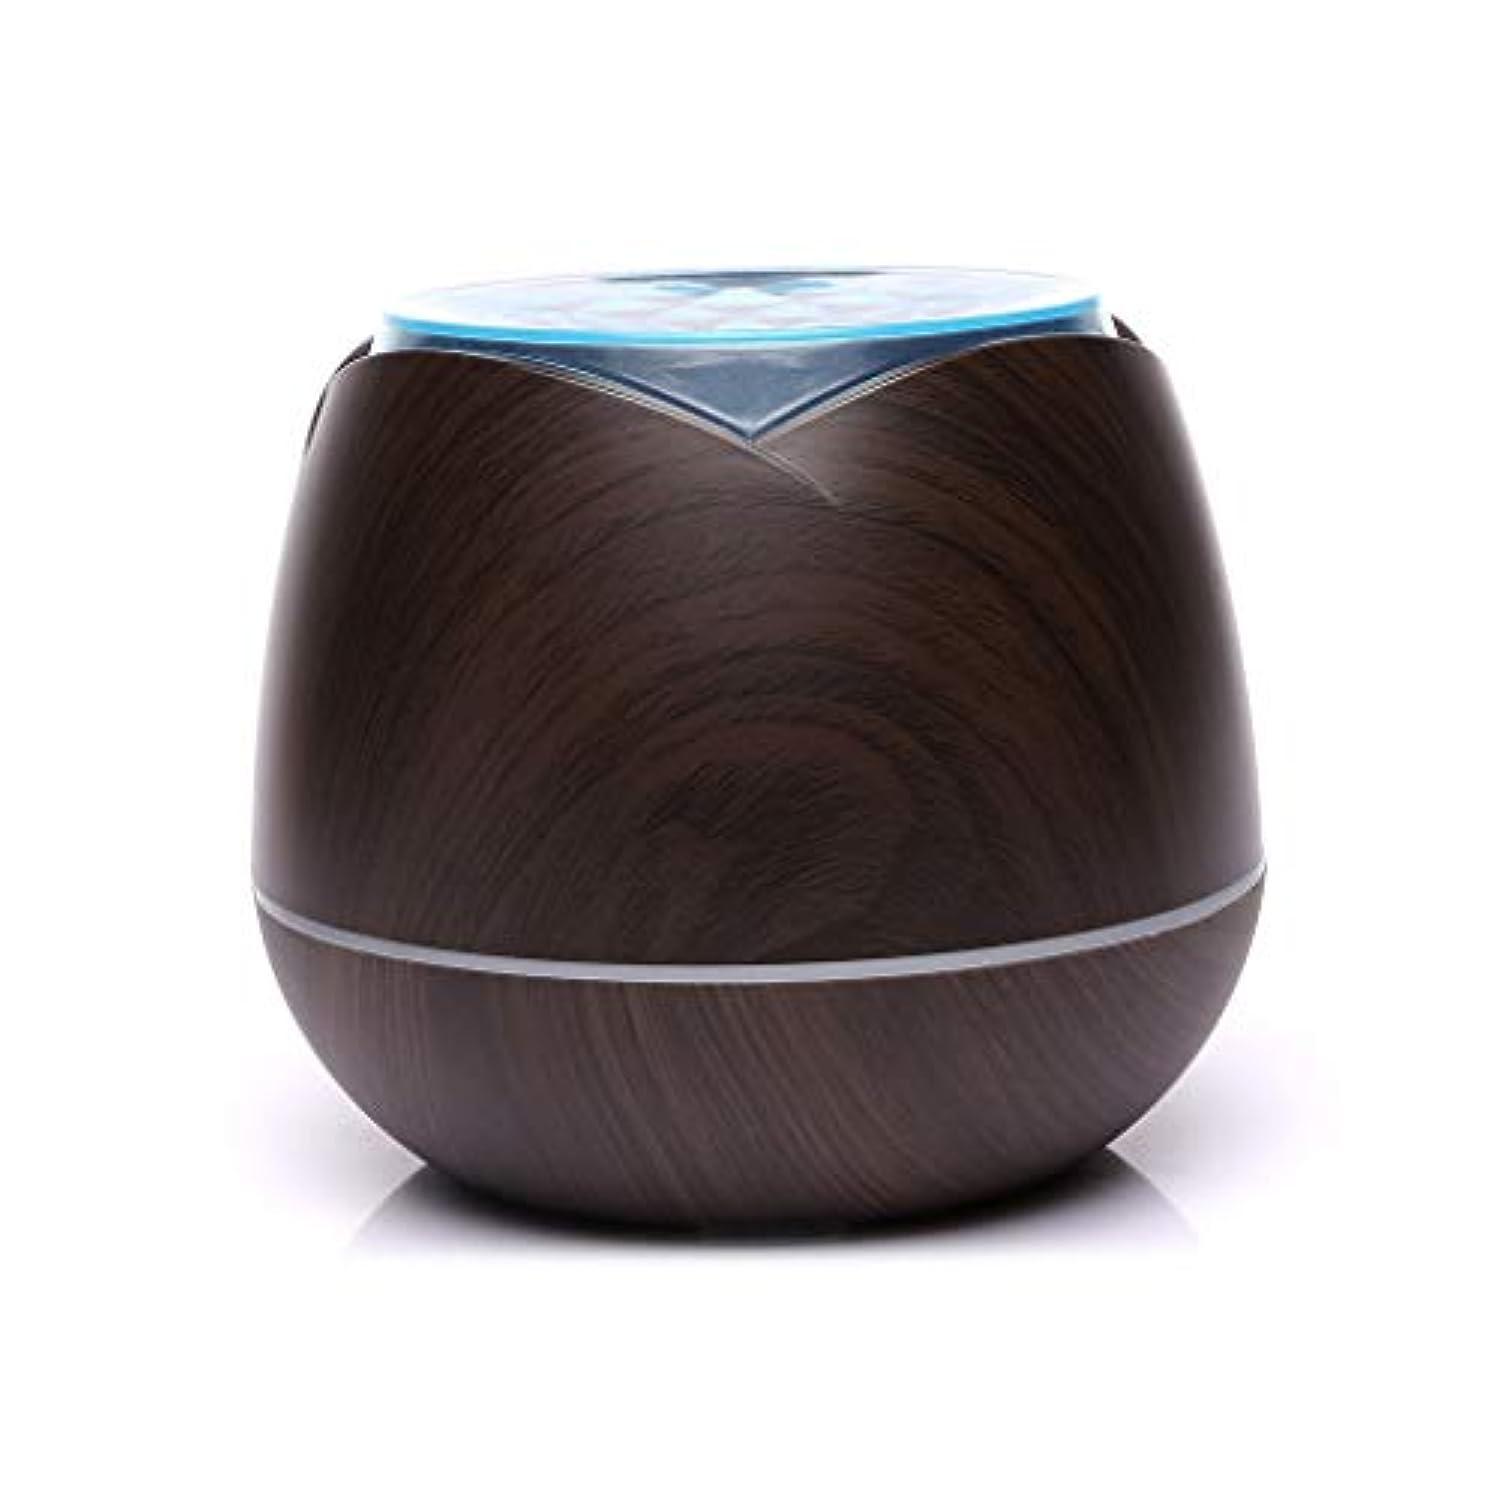 クール能力審判涼しい霧の空気加湿器、家、ヨガ、オフィス、鉱泉、寝室のために変わる色LEDライトと超音波400ml - 木目 - (Color : Dark wood grain)